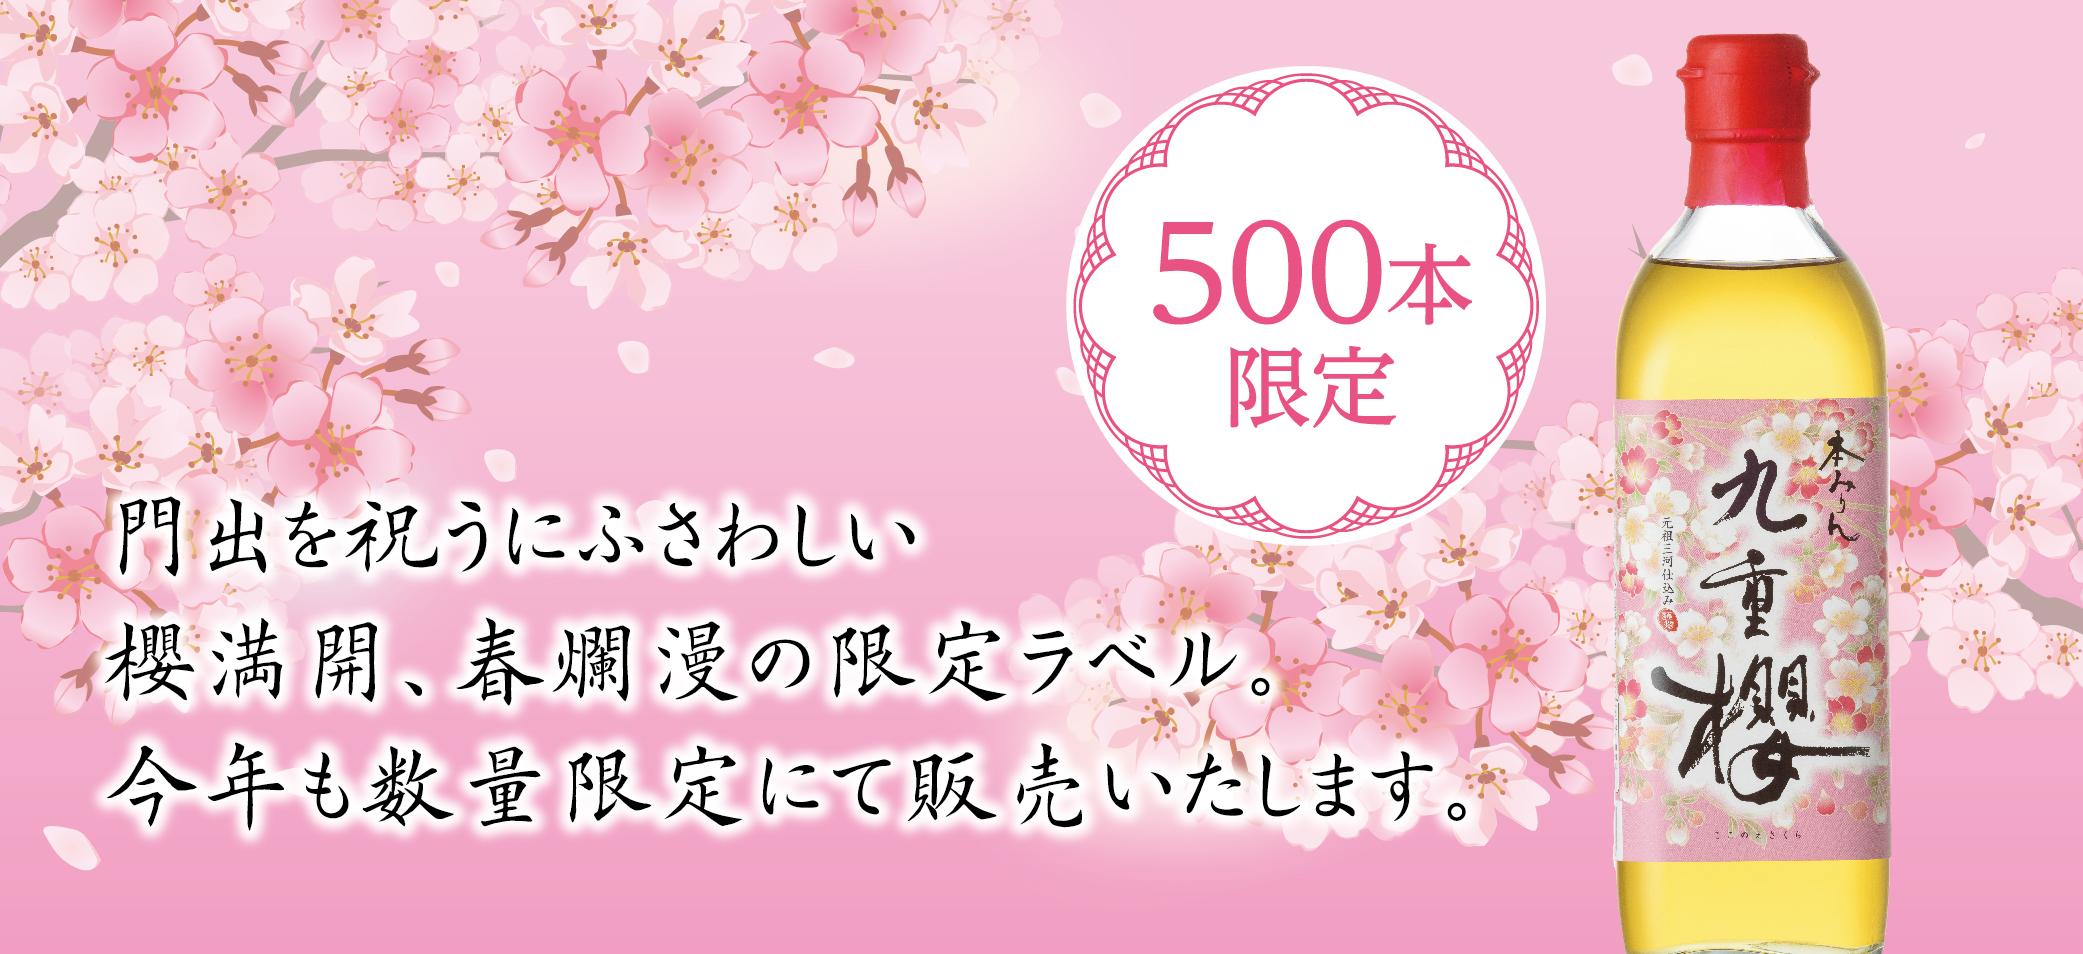 九重櫻 春爛漫ラベル 500mlびん